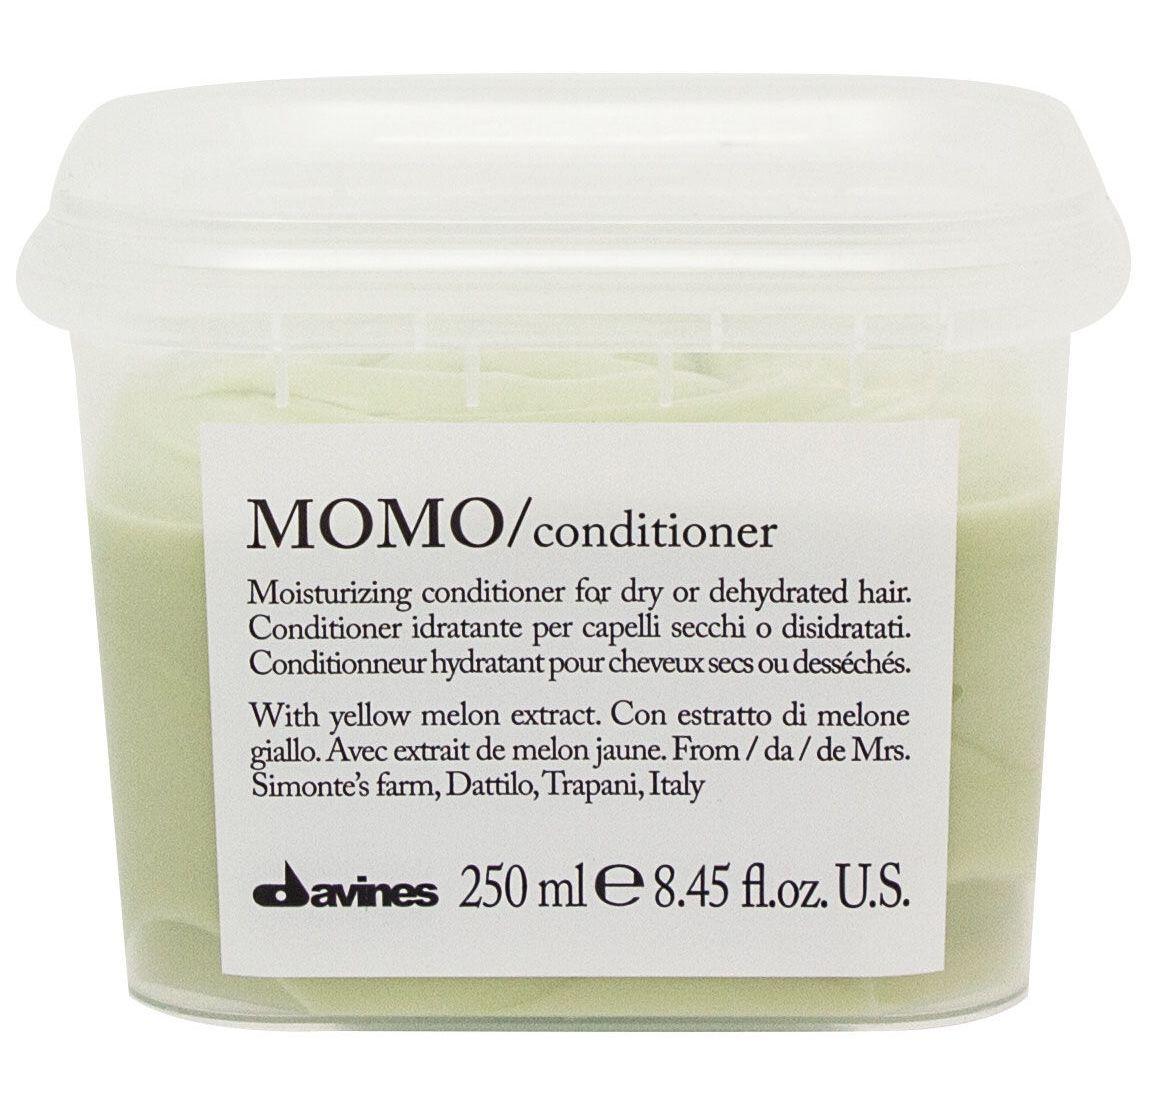 Davines Увлажняющий кондиционер, облегчающий расчесывание волос Essential Haircare Momo Conditioner, 250 мл davines защитный кондиционер для сохранения косметического цвета волос essential haircare new minu conditioner 250 мл